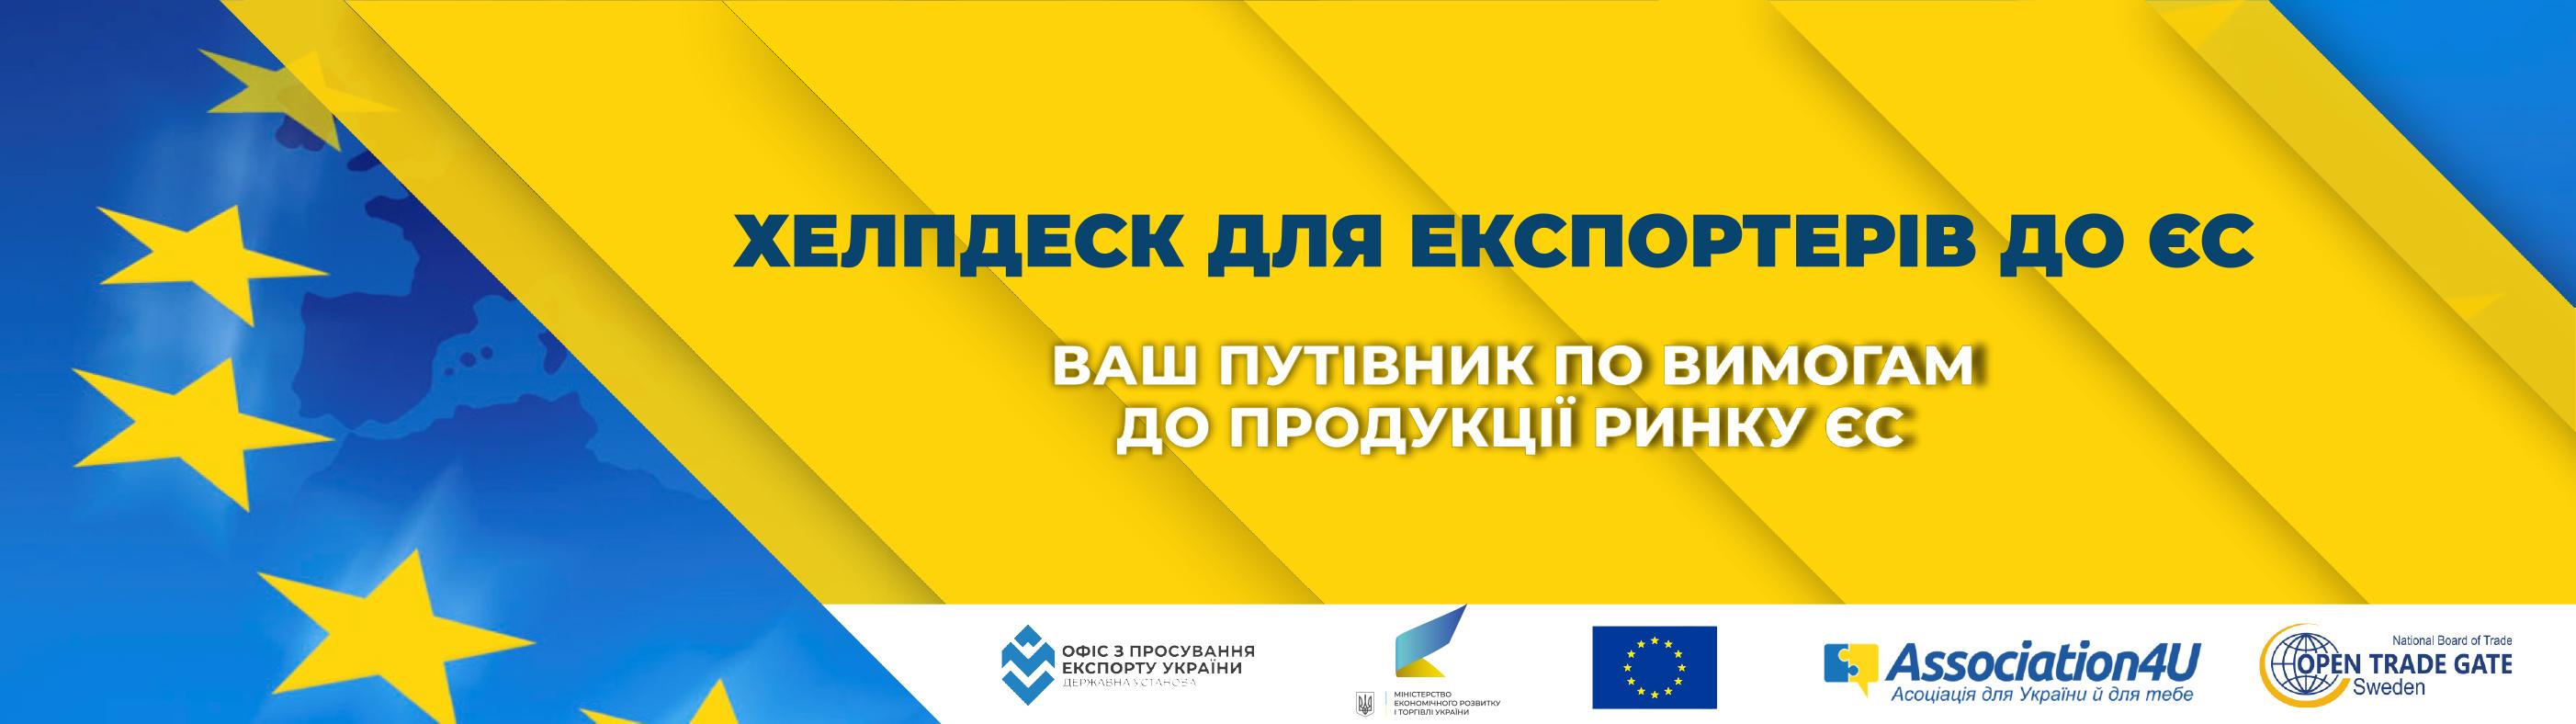 https://helpdesk.epo.org.ua/